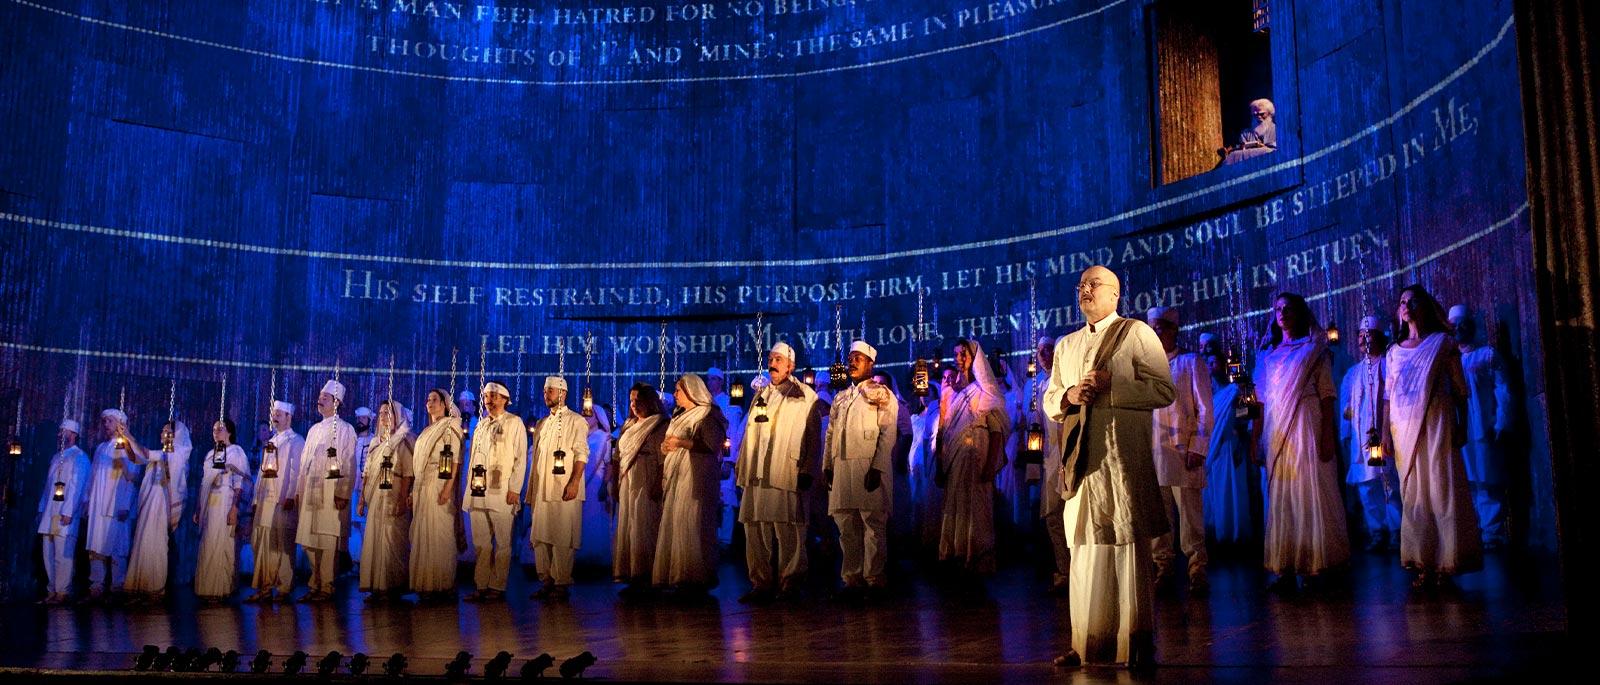 Metropolitan Opera Nightly Met